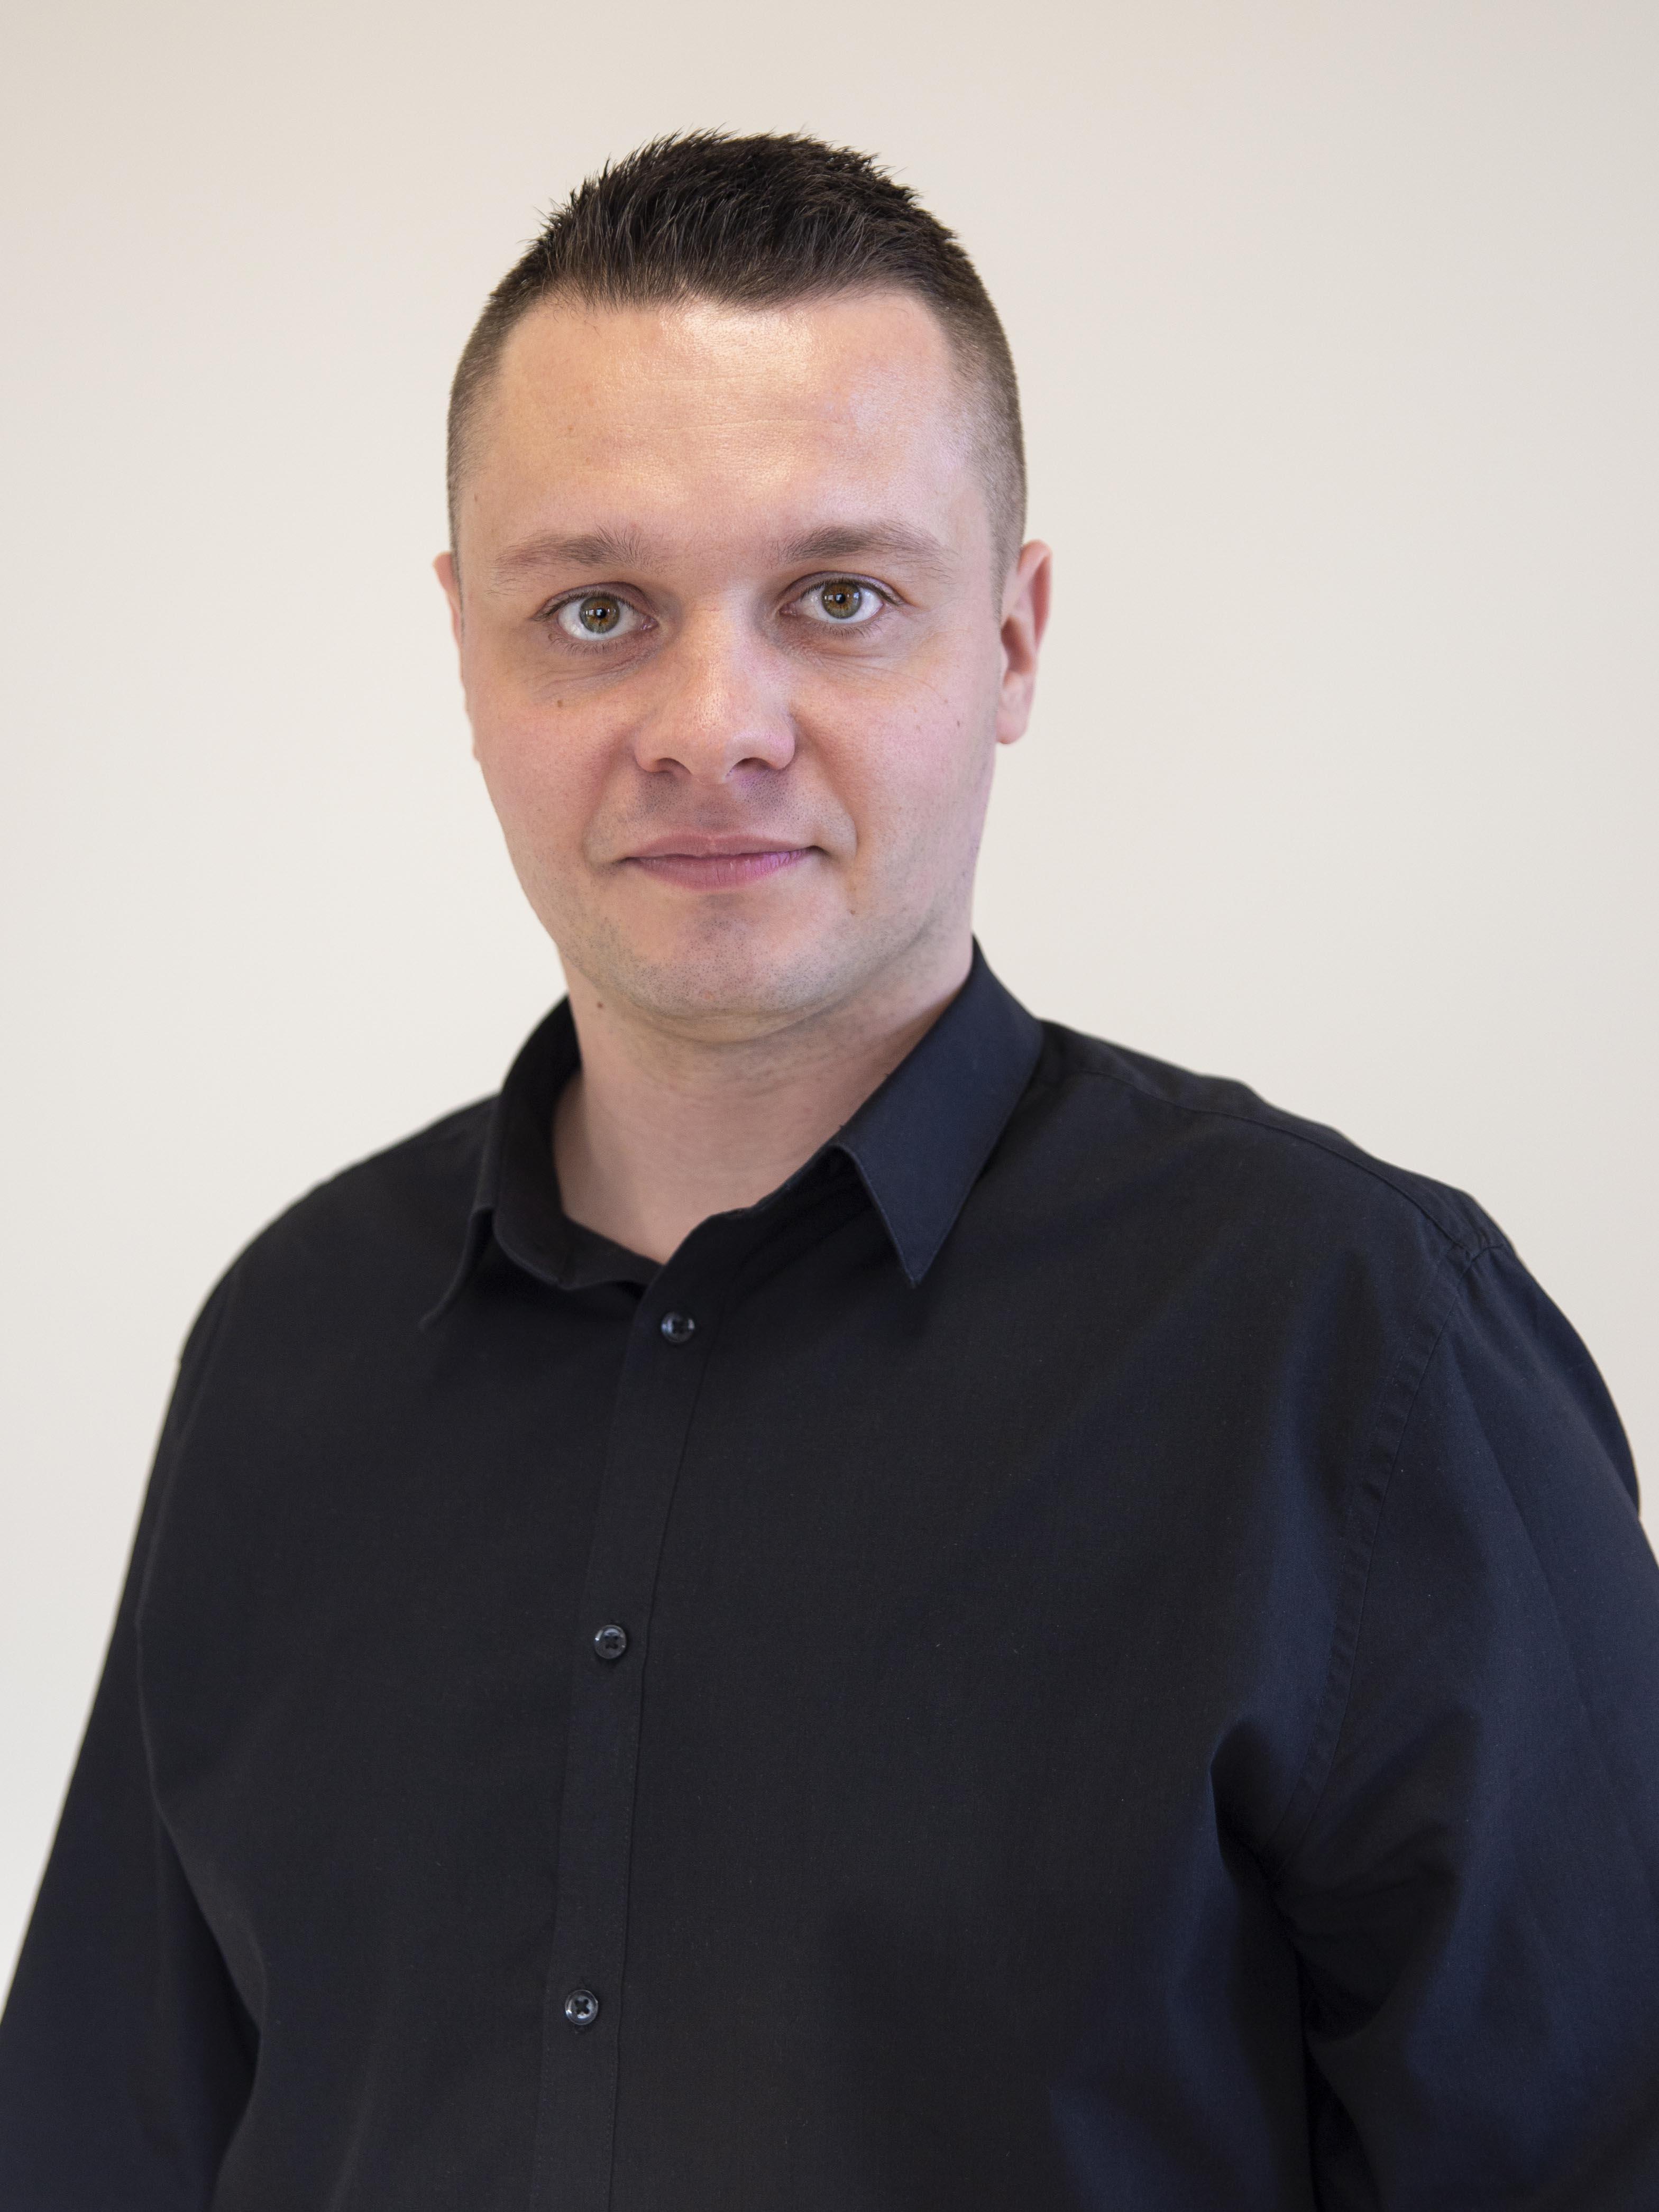 Marcin Netkowski